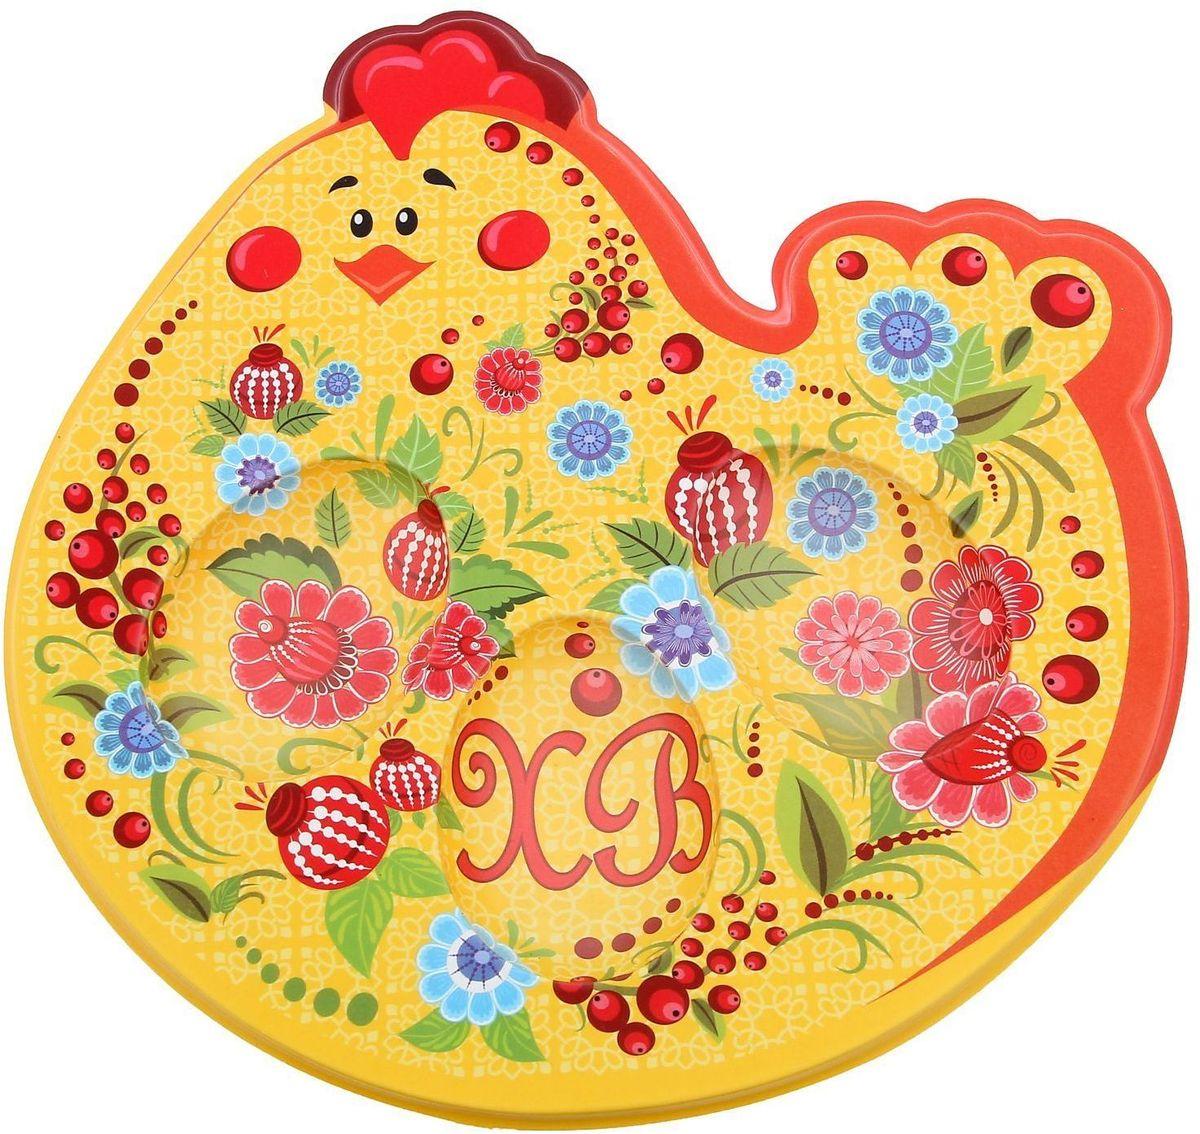 Подставка пасхальная Курочка, под 3 яйца, 18 х 8,2 см. 1253088115510Пасхальная подставка для 3 яйц и кулича изготовлена из качественного пластика, в центре имеется яркая вставка. Аксессуар станет достойным украшением праздничного стола, создаст радостное настроение и наполнит пространство вашего дома благостной энергией на весь год вперёд.Подставка будет ценным памятным подарком для родных, друзей и коллег.Радости, добра и света вам и вашим близким!